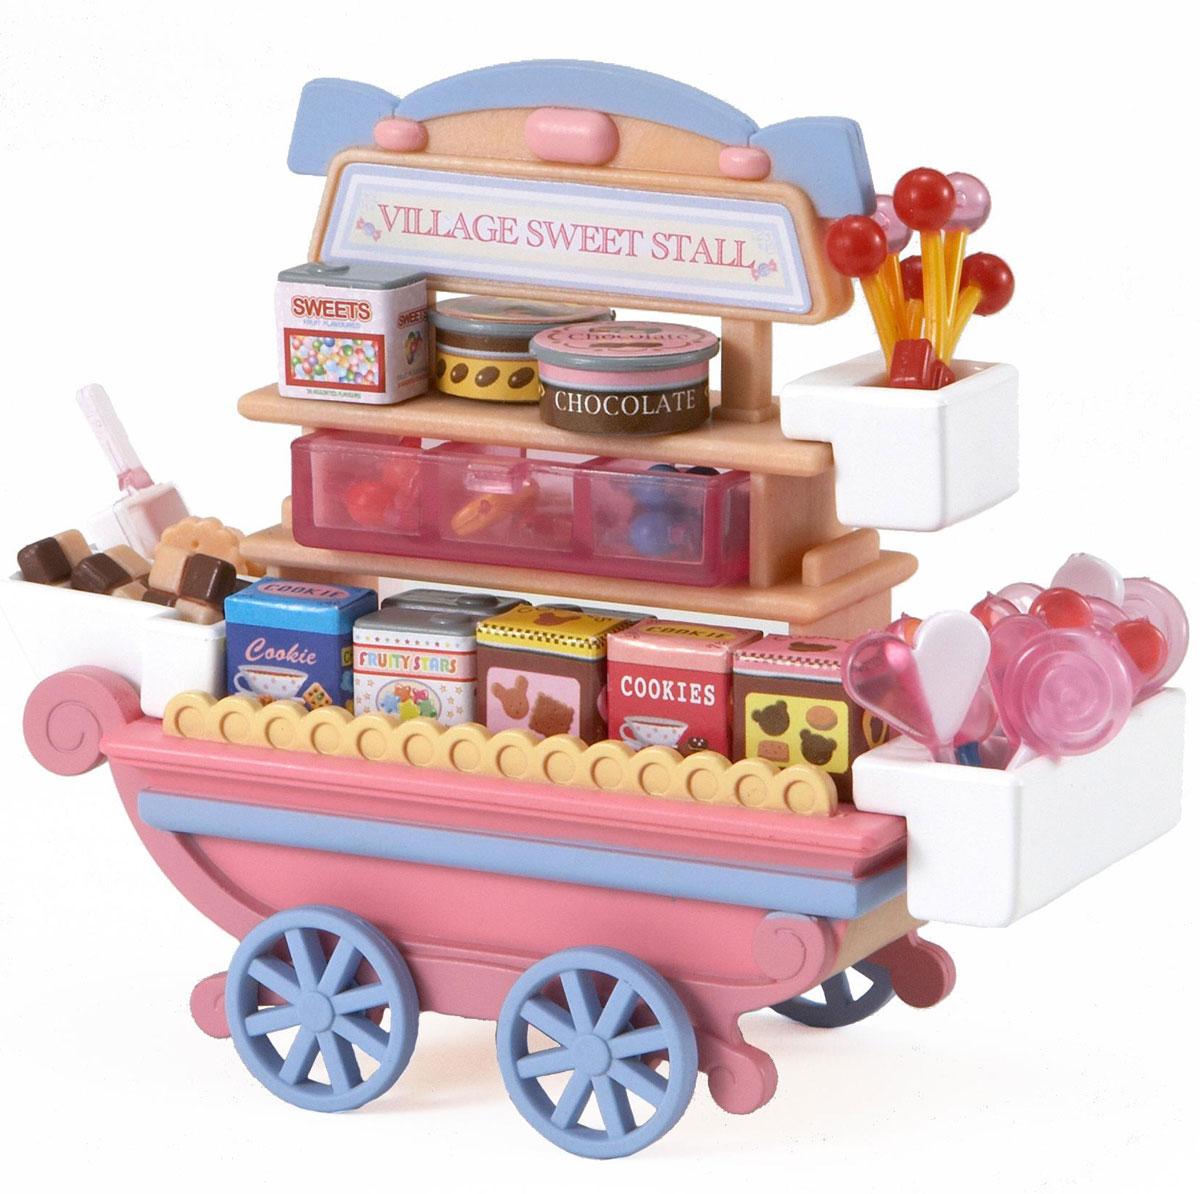 Sylvanian Families Игровой набор Тележка со сладостями2812Игровой набор Sylvanian Families Тележка со сладостями привлечет внимание вашей малышки и не позволит ей скучать. Набор включает в себя передвижную тележку на вращающихся колесах, сладости на любой вкус: печенье, леденцы, конфеты, мармелад, а также много разноцветных коробочек с надписями. Ваша малышка будет часами играть с набором, придумывая различные истории. Sylvanian Families - это целый мир маленьких жителей, объединенных общей легендой. Жители страны Sylvanian Families - это кролики, белки, медведи, лисы и многие другие. У каждого из них есть дом, в котором есть все необходимое для счастливой жизни. В городе, где живут герои, есть школа, больница, рынок, пекарня, детский сад и множество других полезных объектов. Жители этой страны живут семьями, в каждой из которой есть дети. В домах Sylvanian Families царит уют и гармония. Домашние животные радуют хозяев. Здесь продумана каждая мелочь, от одежды до мебели и аксессуаров. Характеристики:...